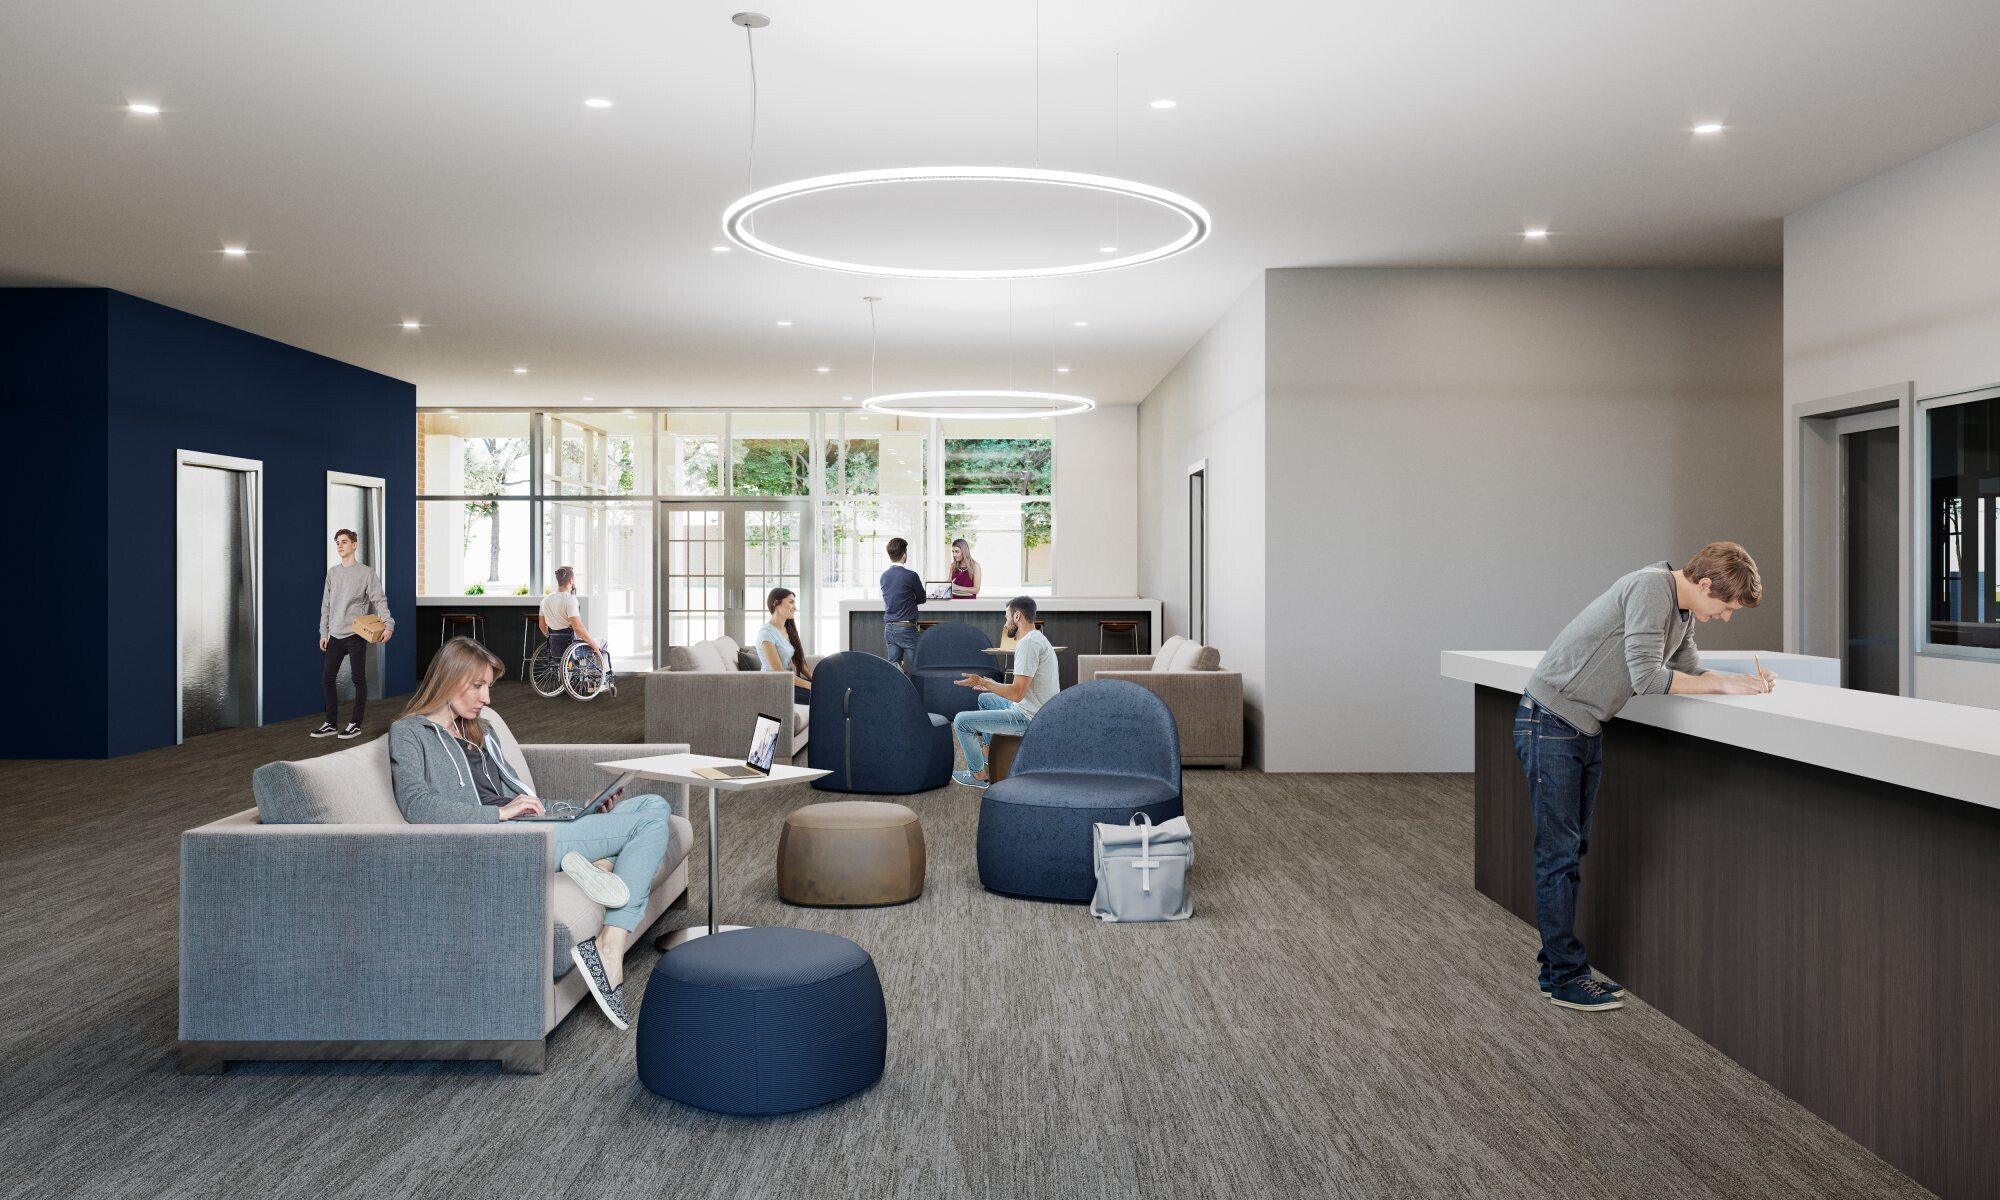 msu-jhrichmond-interior-lobby